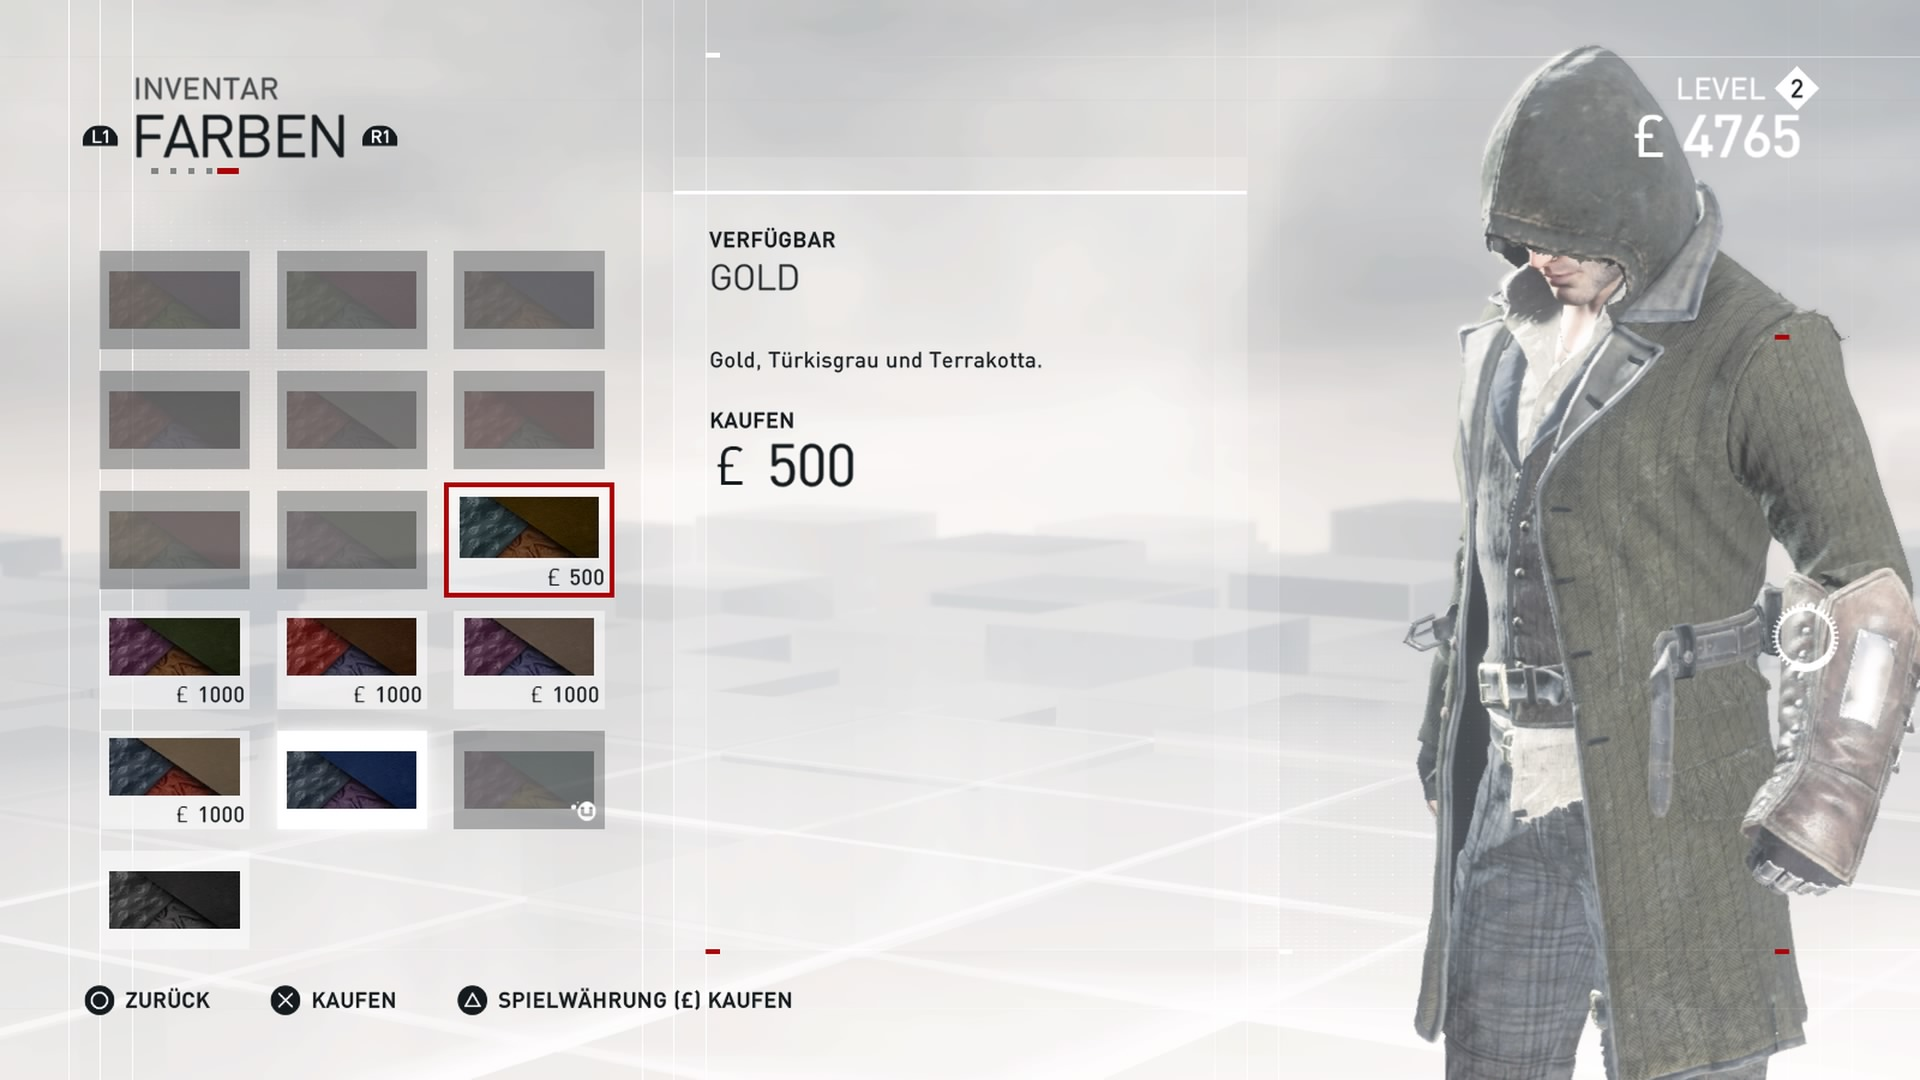 Assassin S Creed Syndicate Outfits Und Farben Freischalten So Bekommt Ihr Alle Kostüme Von Jacob Und Evie